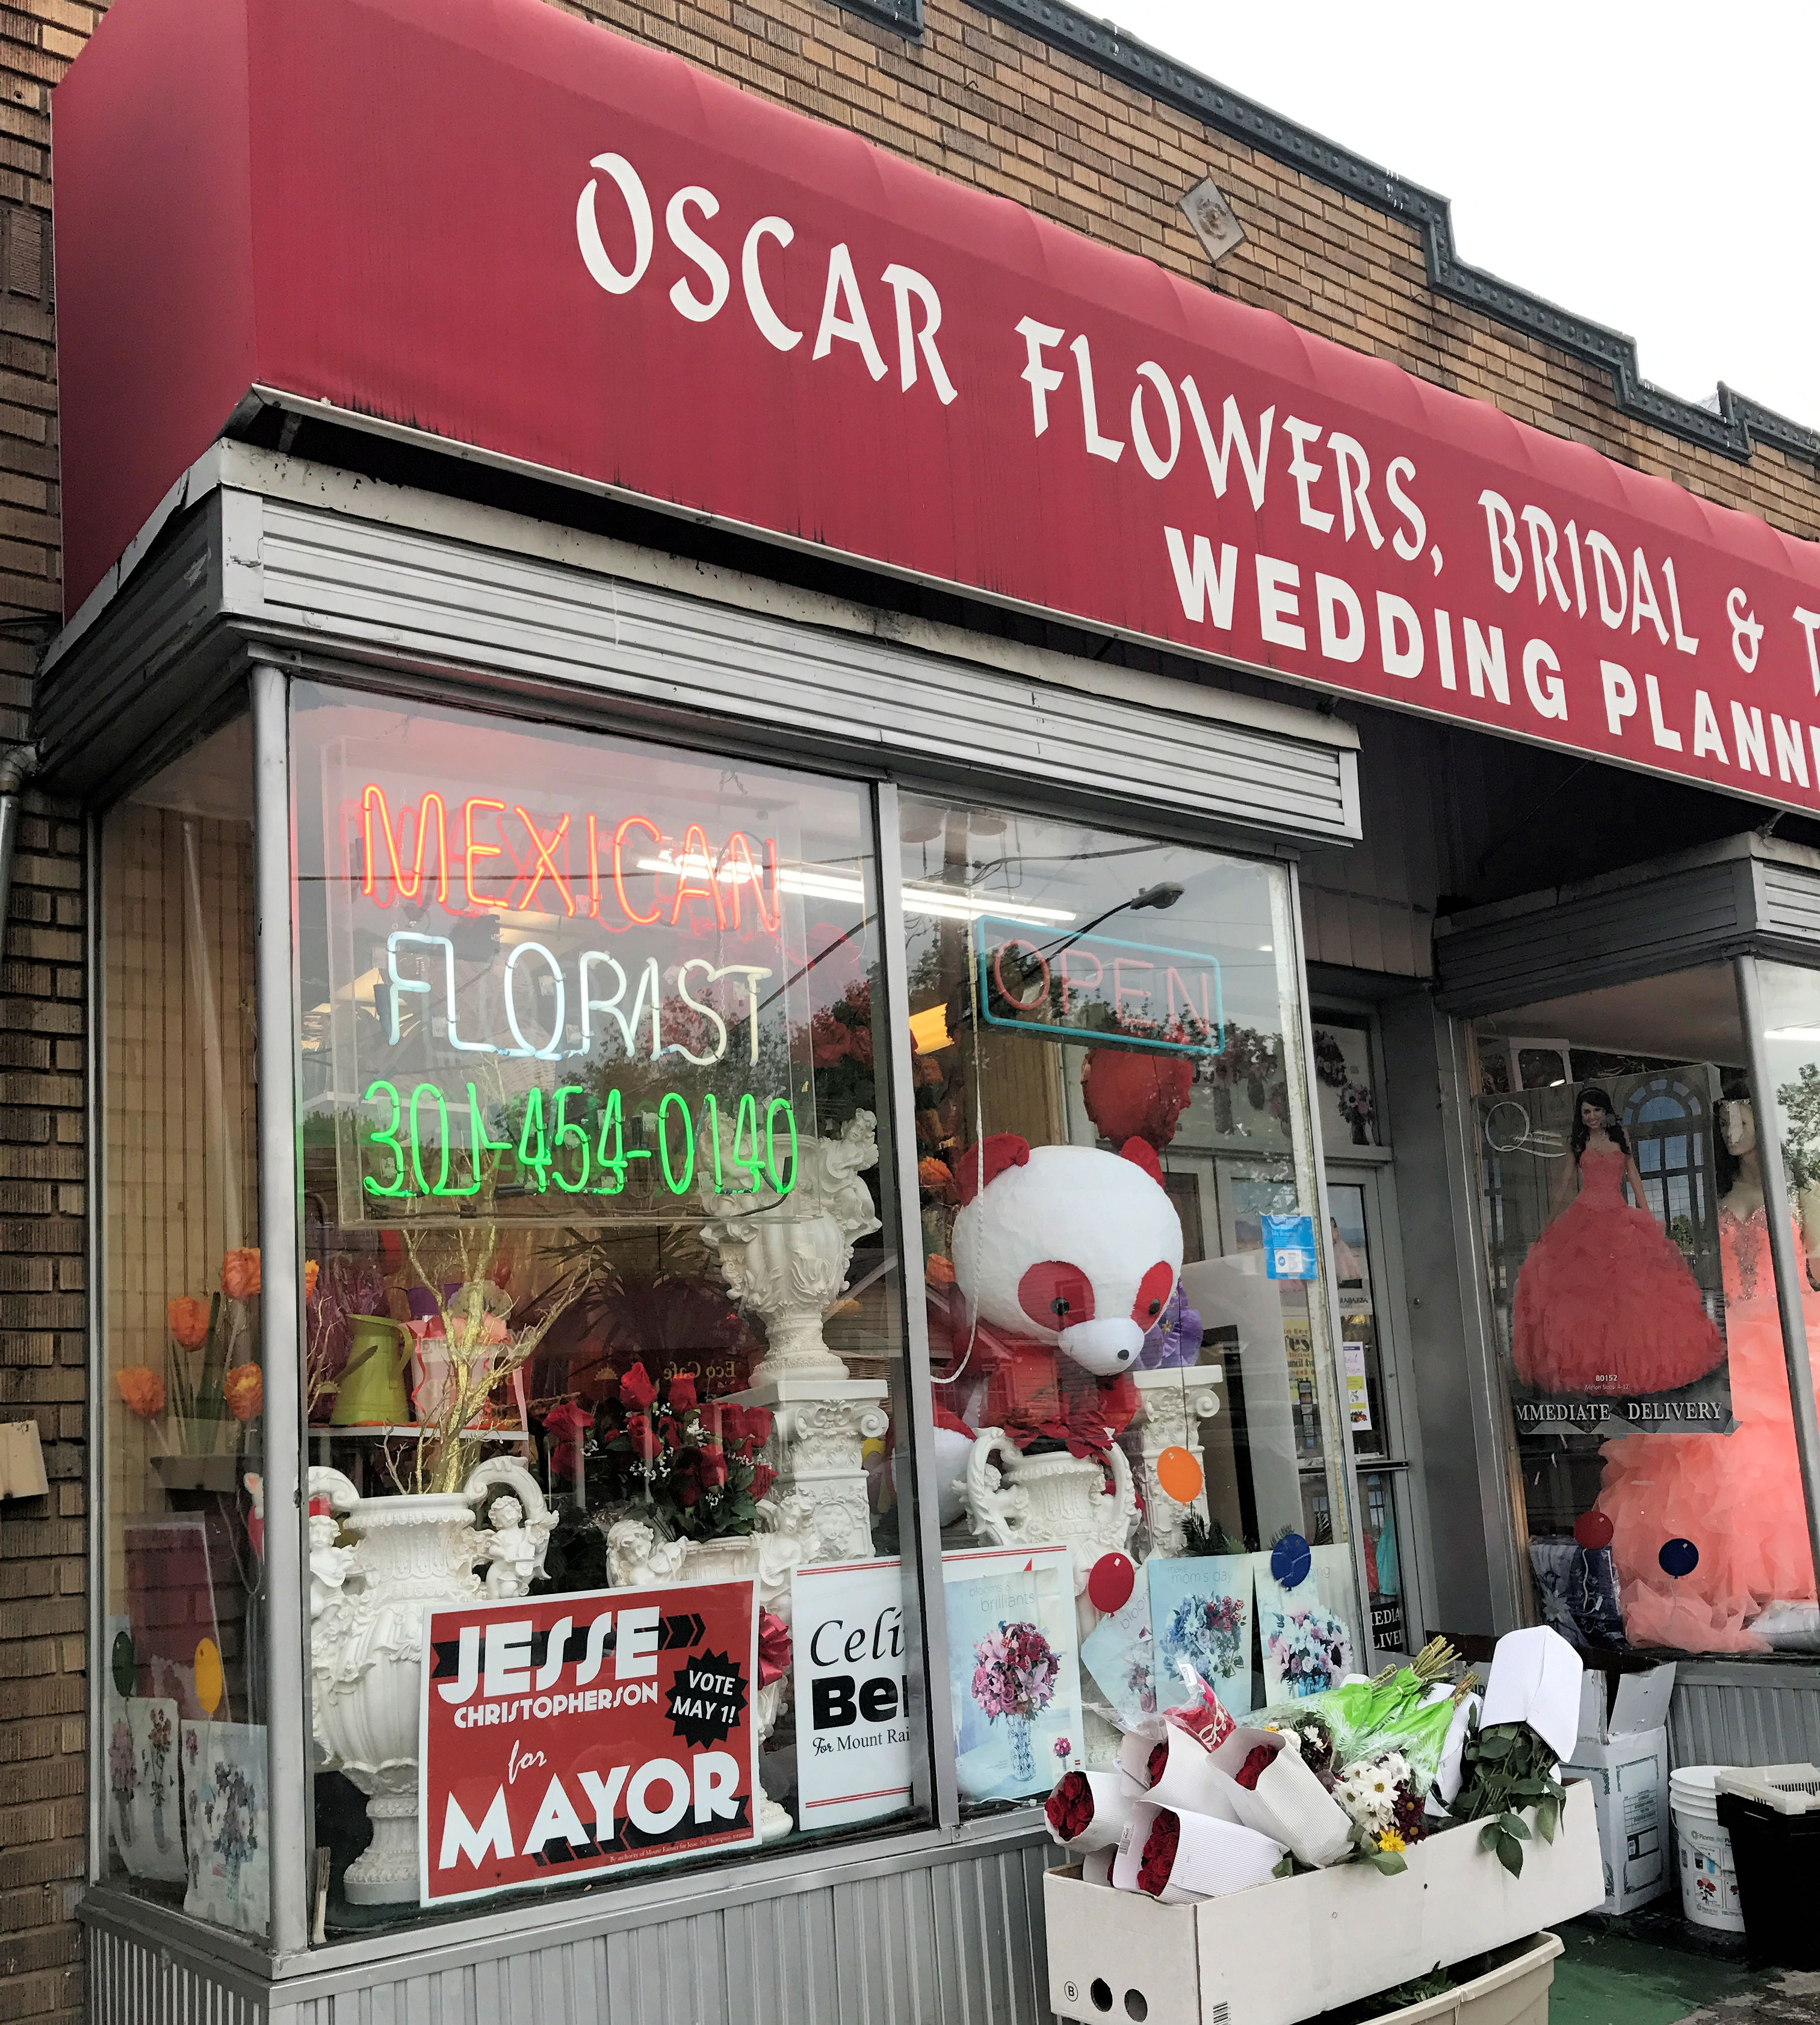 Oscar Flowers